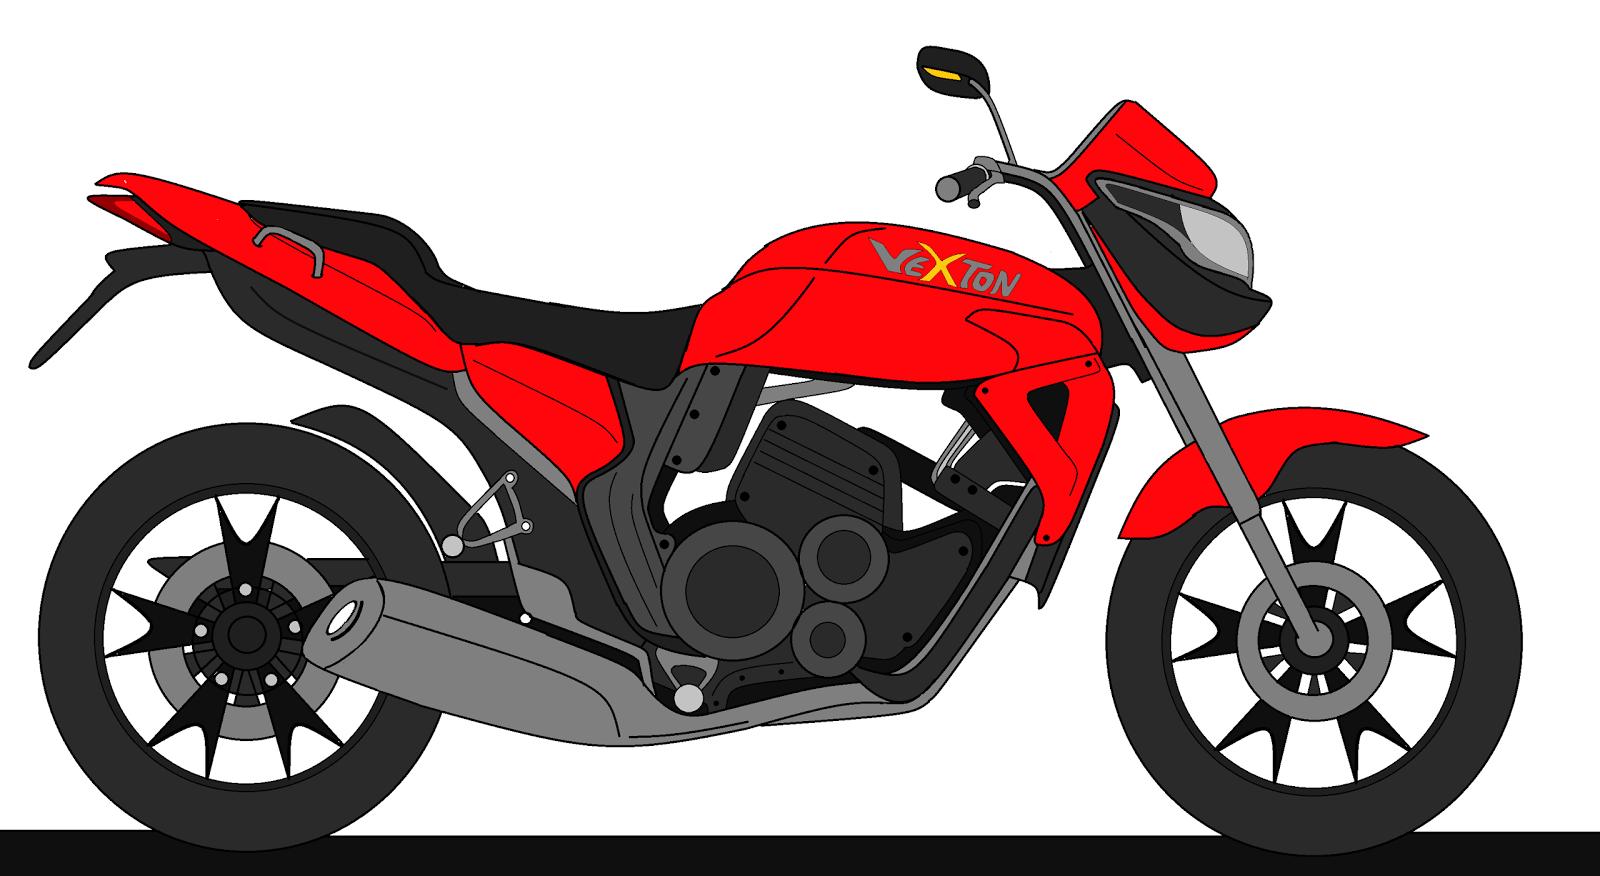 Fondo de Moto Hyosung GT 250 que fue subido a fondosg.com el Viernes